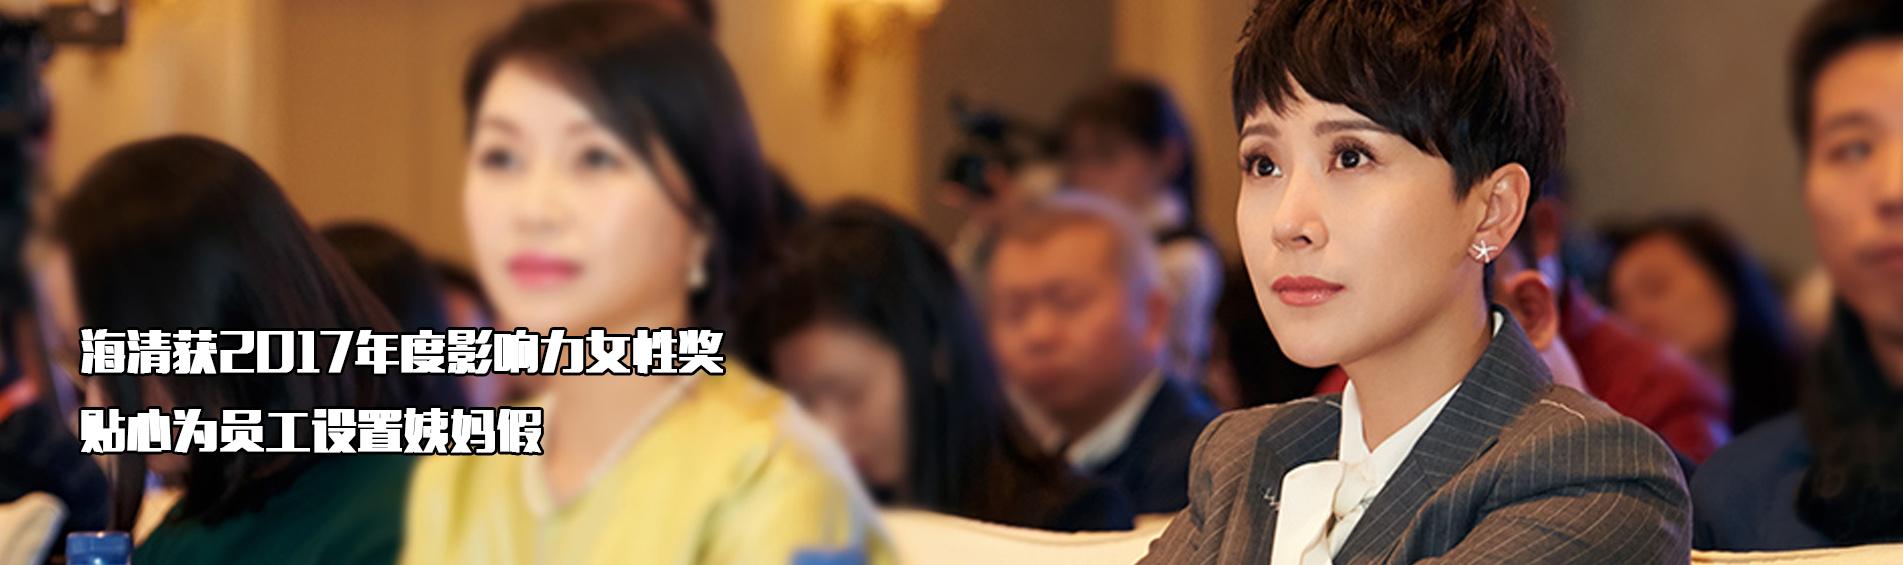 海清获2017年度影